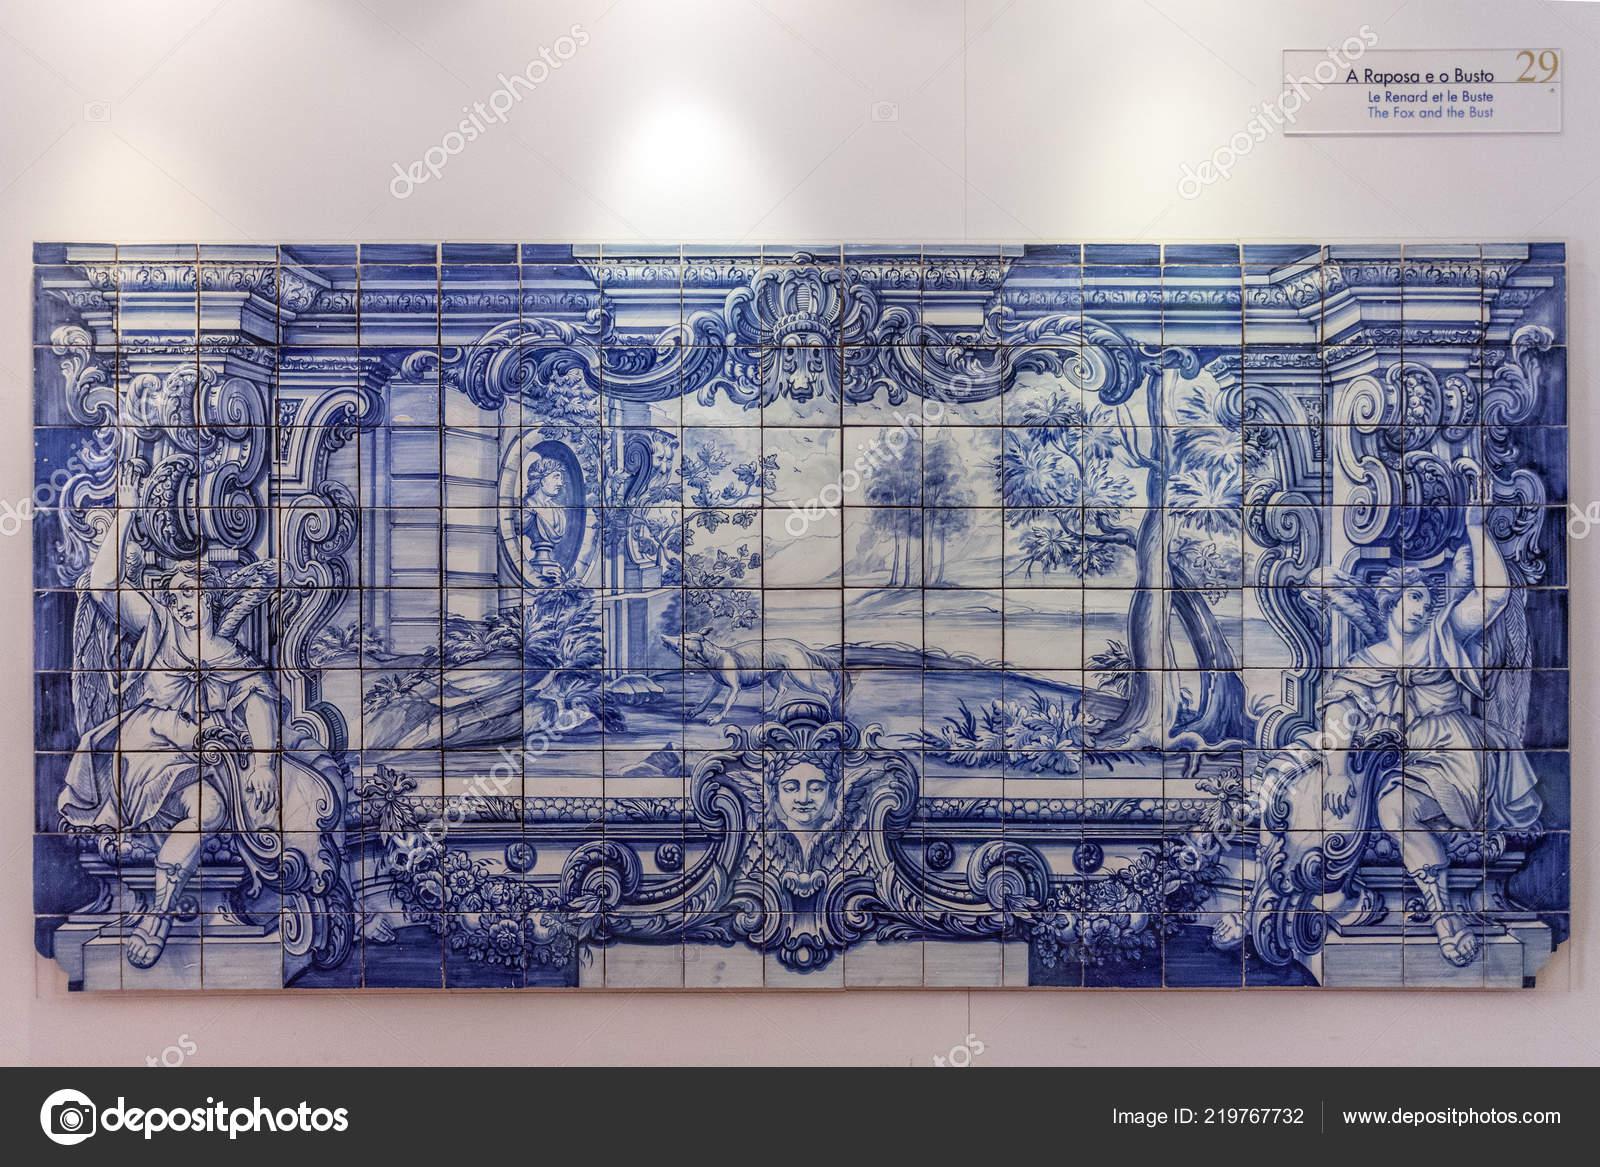 Favole fontaine volpe busto illustrato th portoghese piastrelle